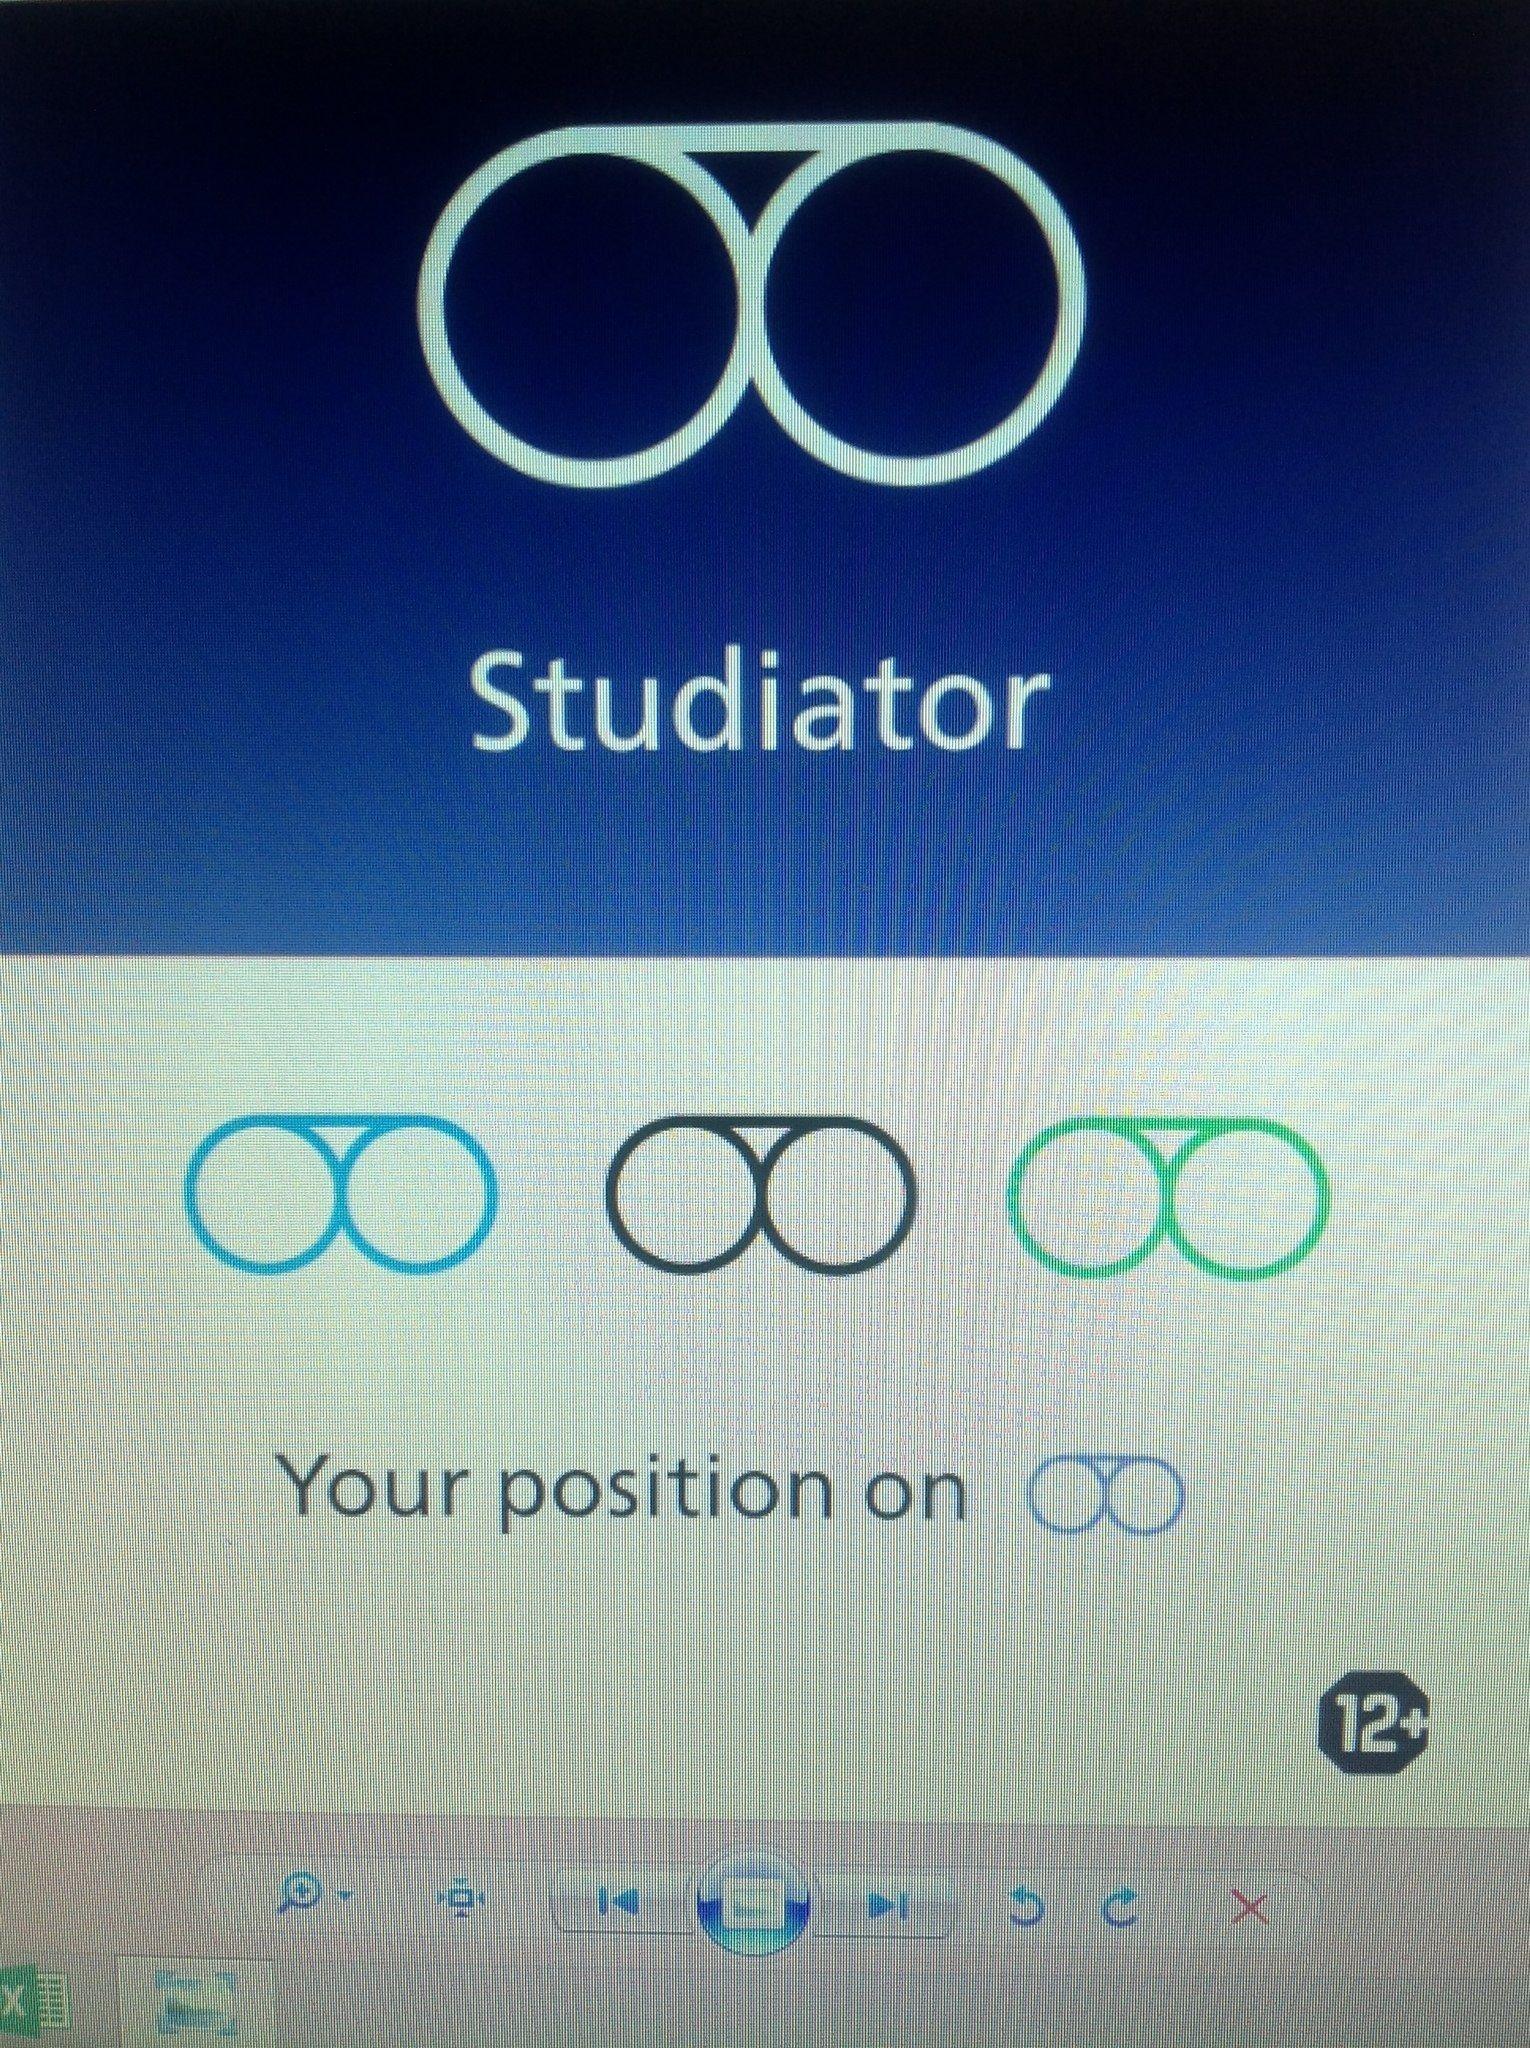 Логотип для каталога студий Веб-дизайна - дизайнер zbruno